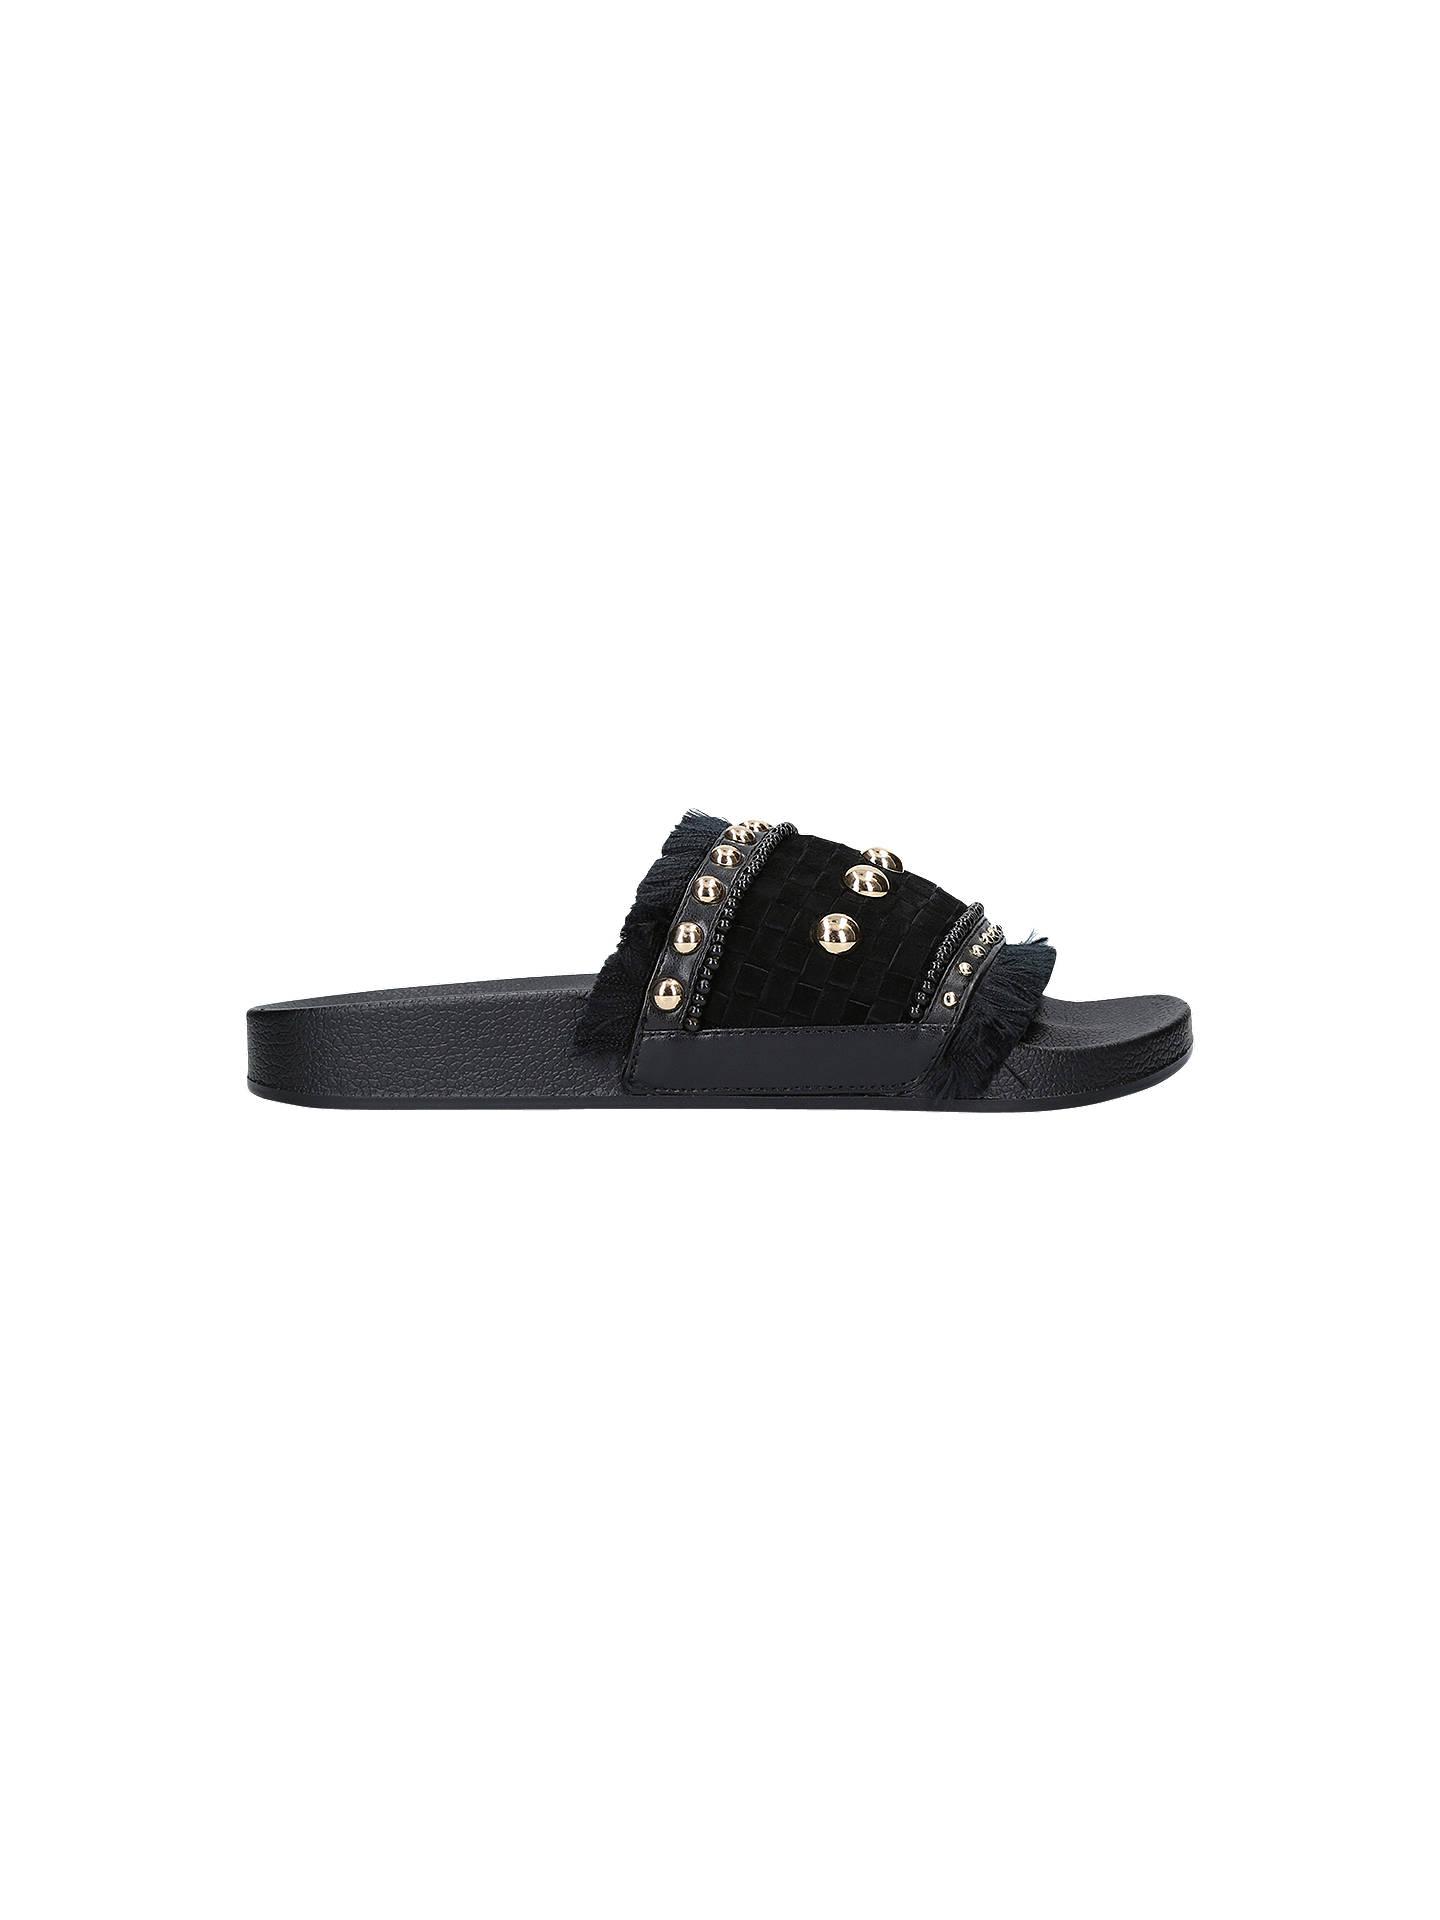 5a75cfc10e7 Buy Carvela Karate Slider Sandals